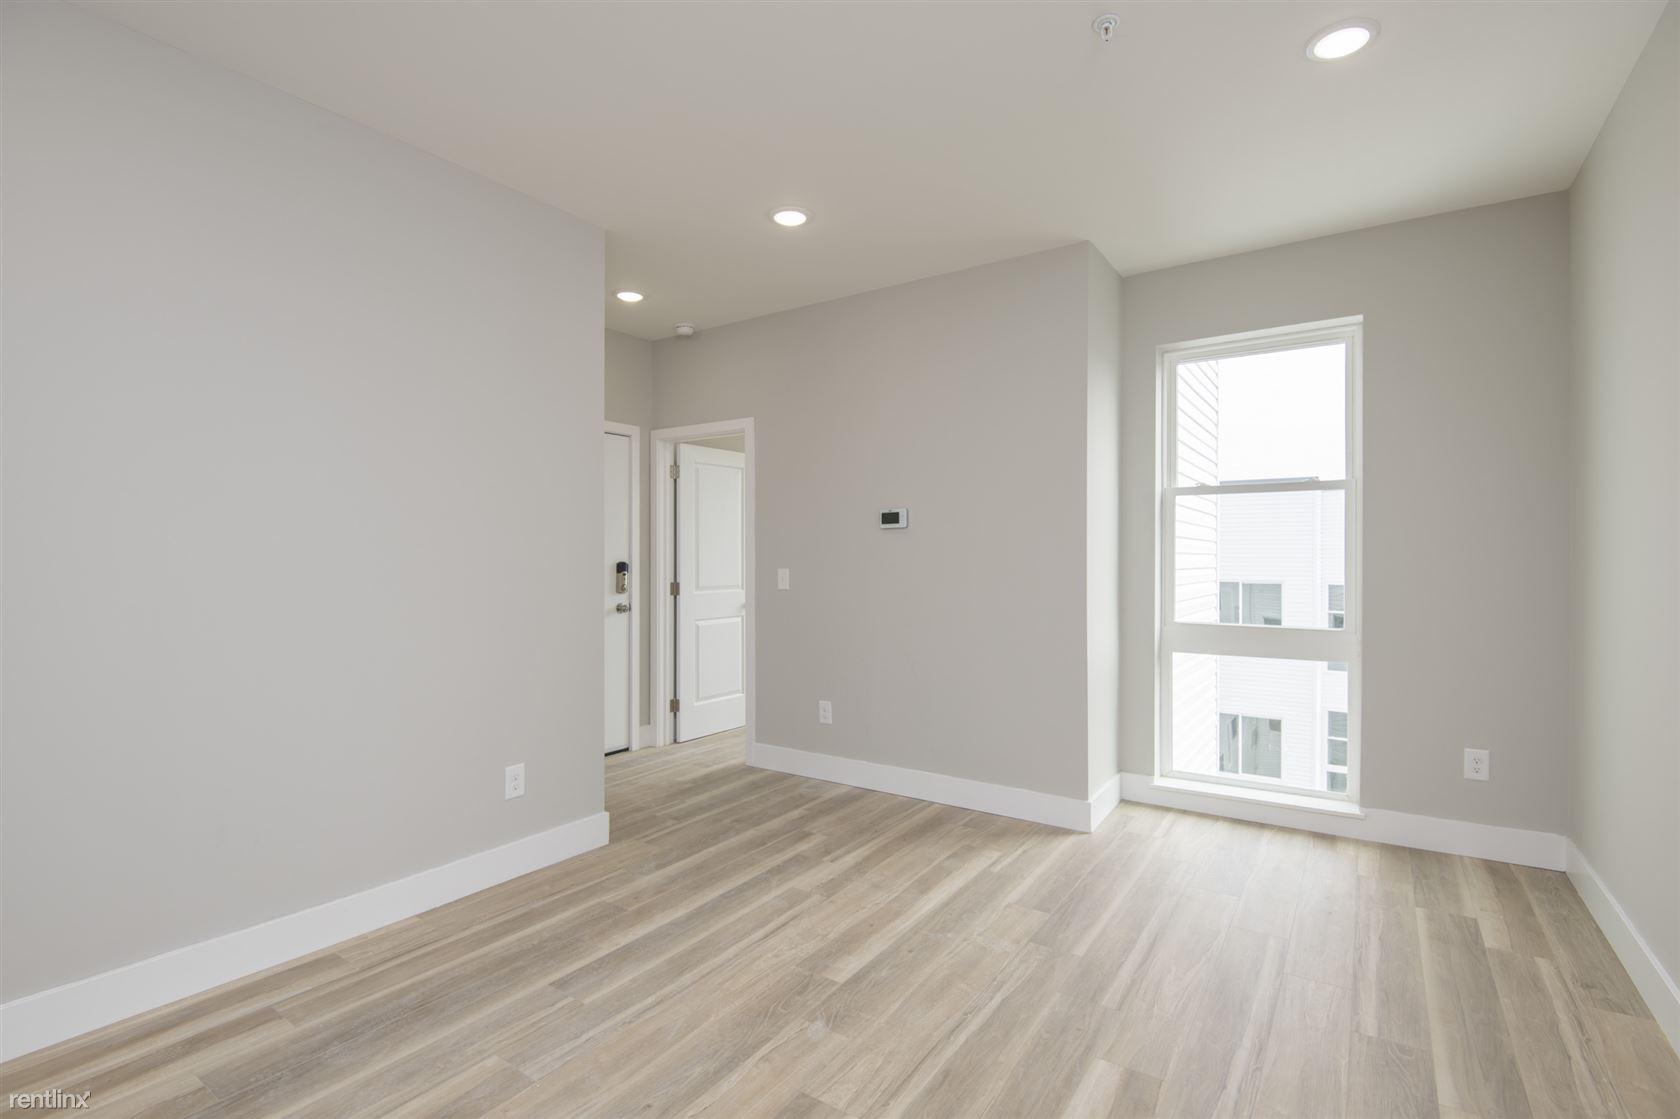 2207 N Broad ST Unit 4R, Philadelphia, PE - 1,800 CAD/ month